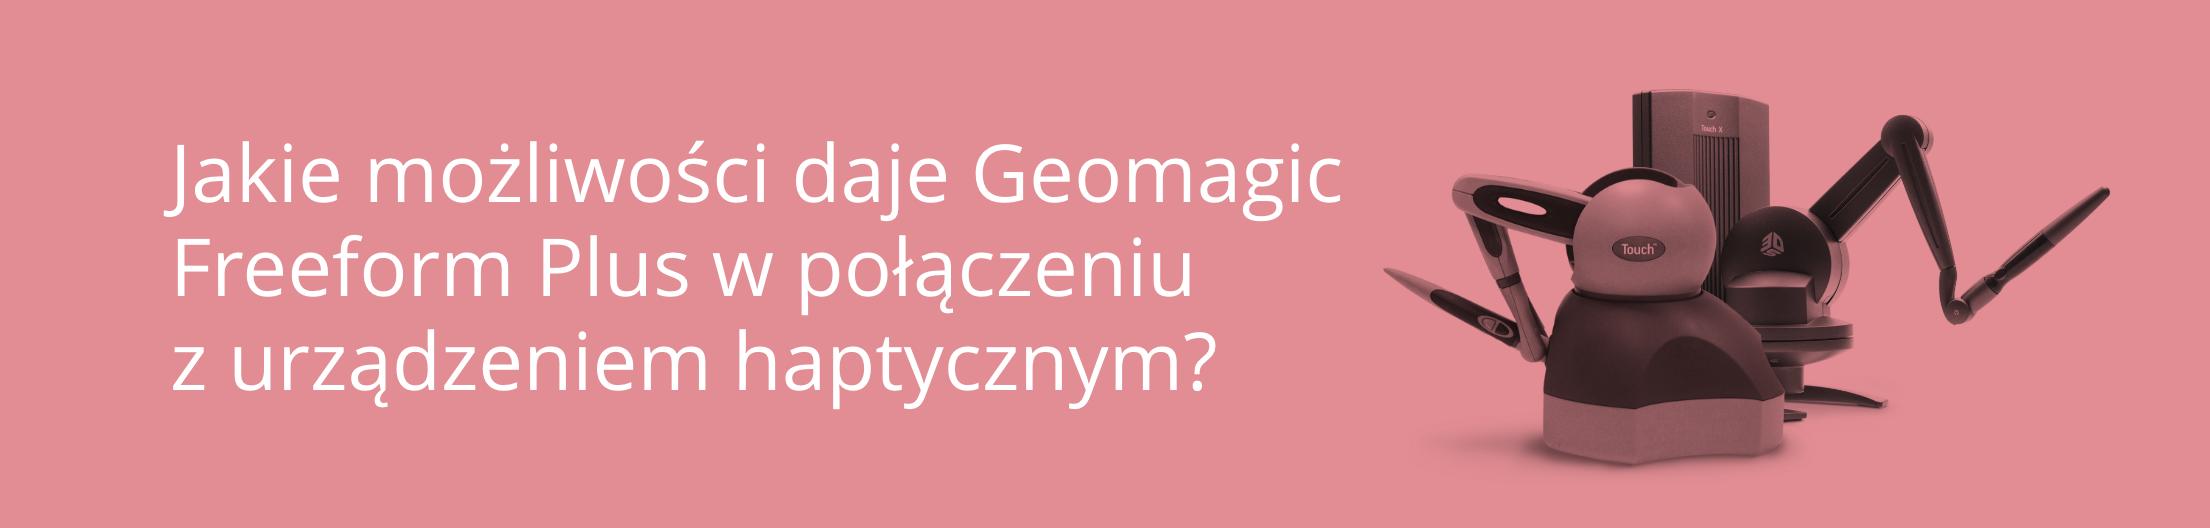 Header - Jakie możliwości daje Geomagic Freeform Plus w połączeniuz urządzeniemhaptycznym-wpis3